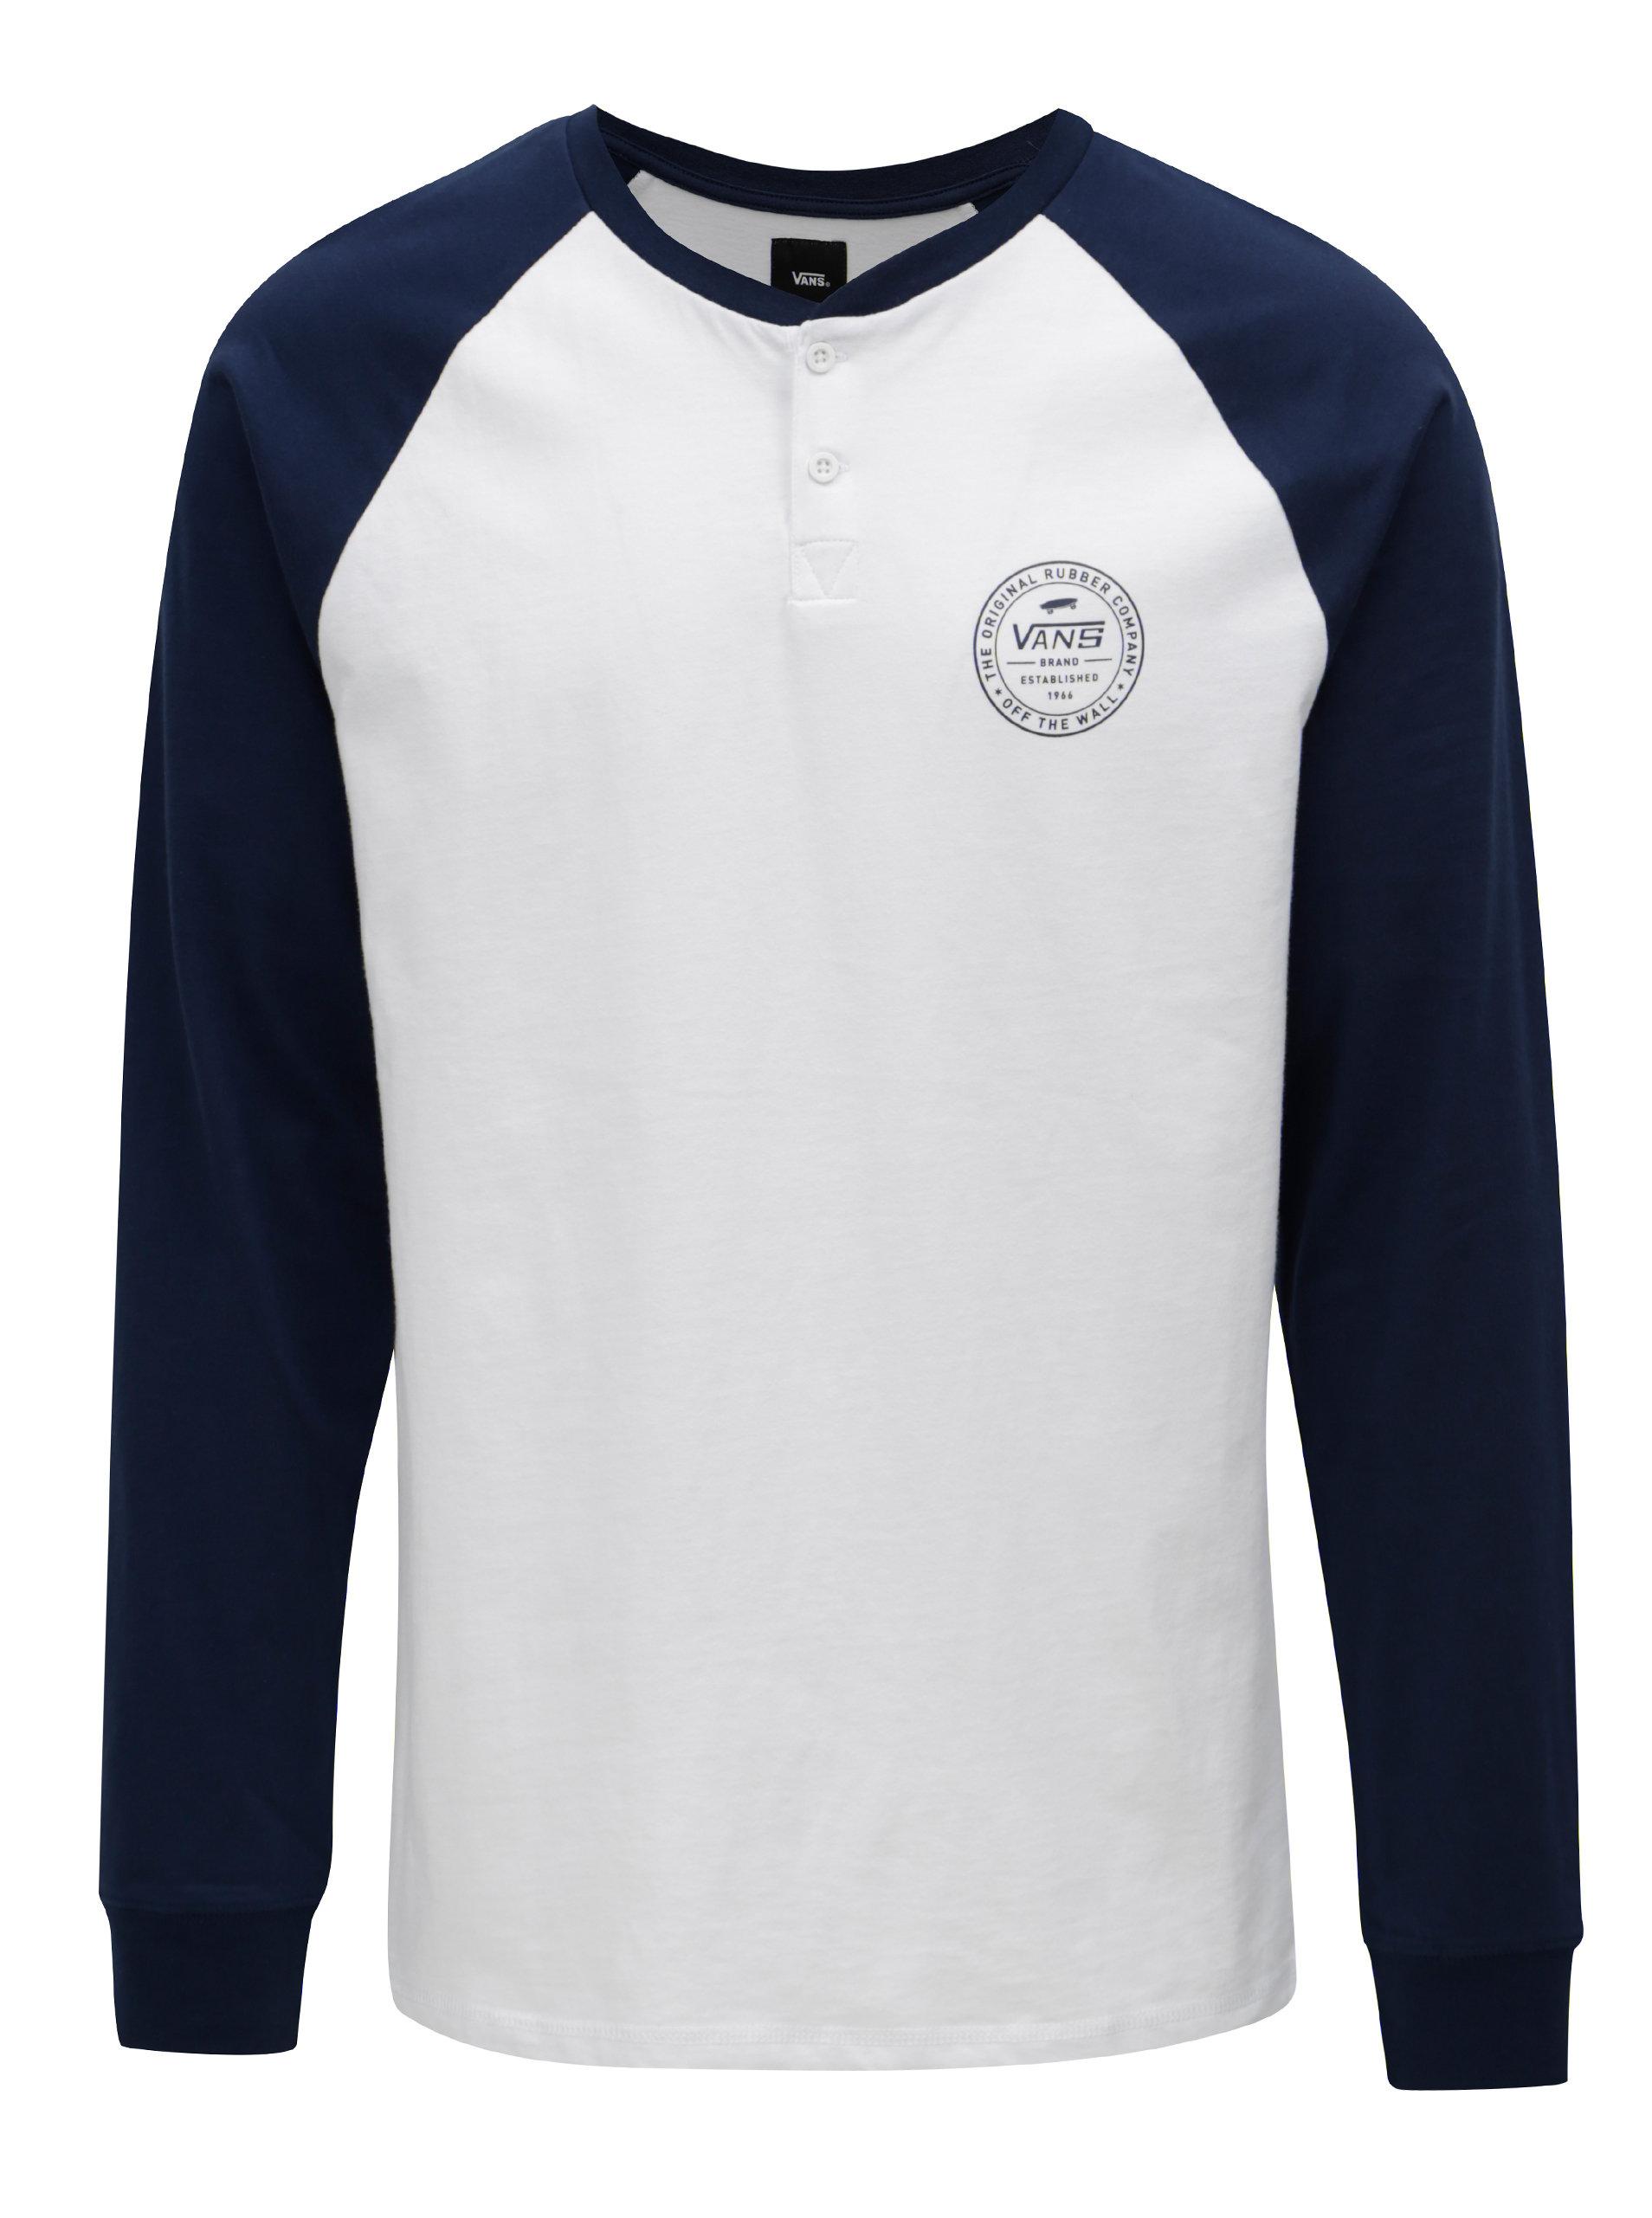 Modro–biele pánske tričko s gombíkmi VANS Denton ... ad3bfd7e14e